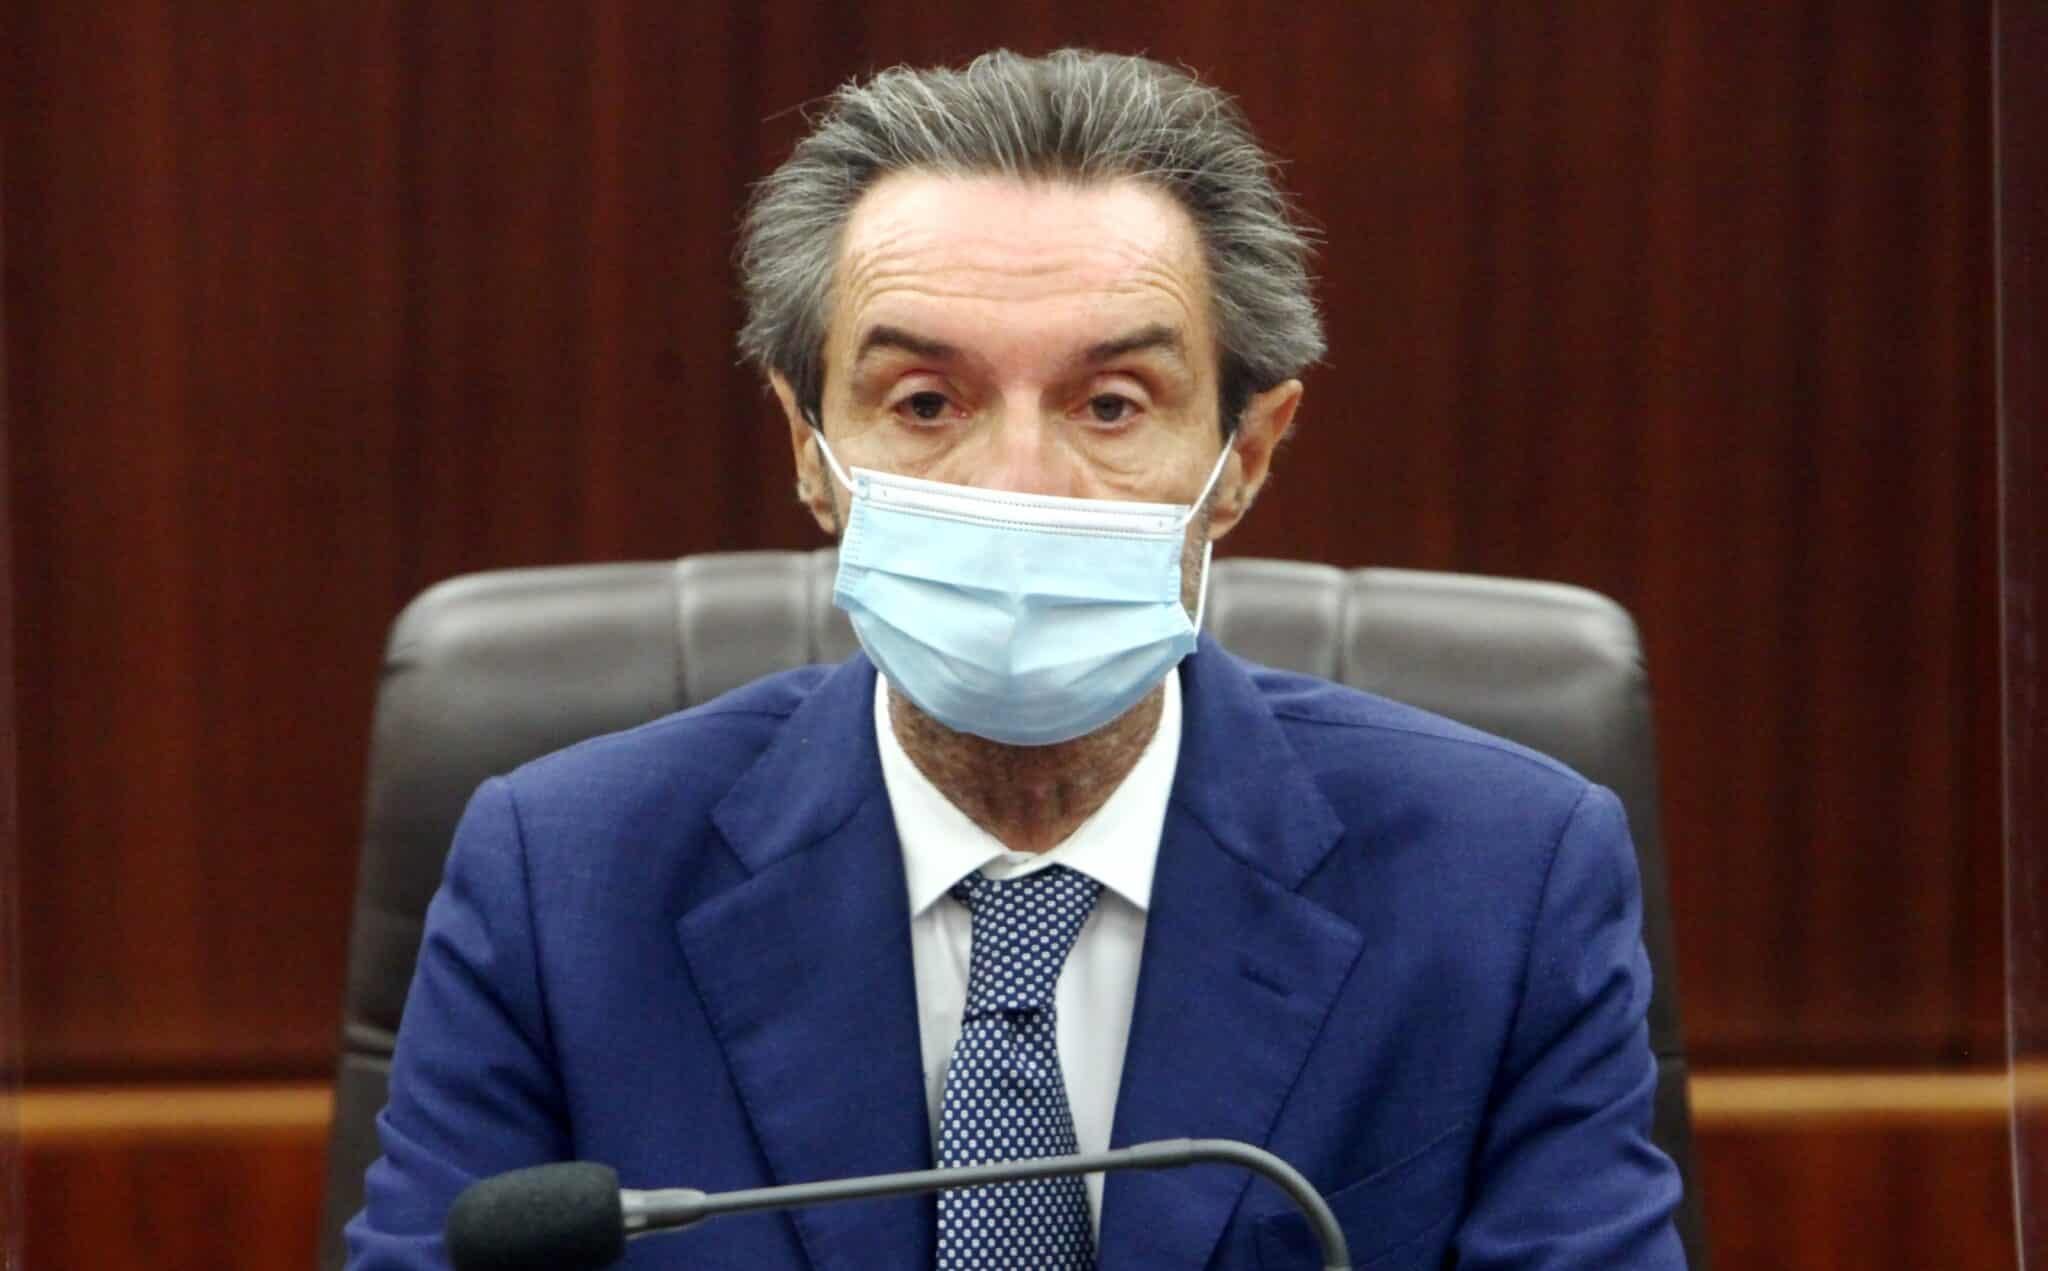 Lombardia, incontro con i presidi: confermata la didattica a distanza al 100%